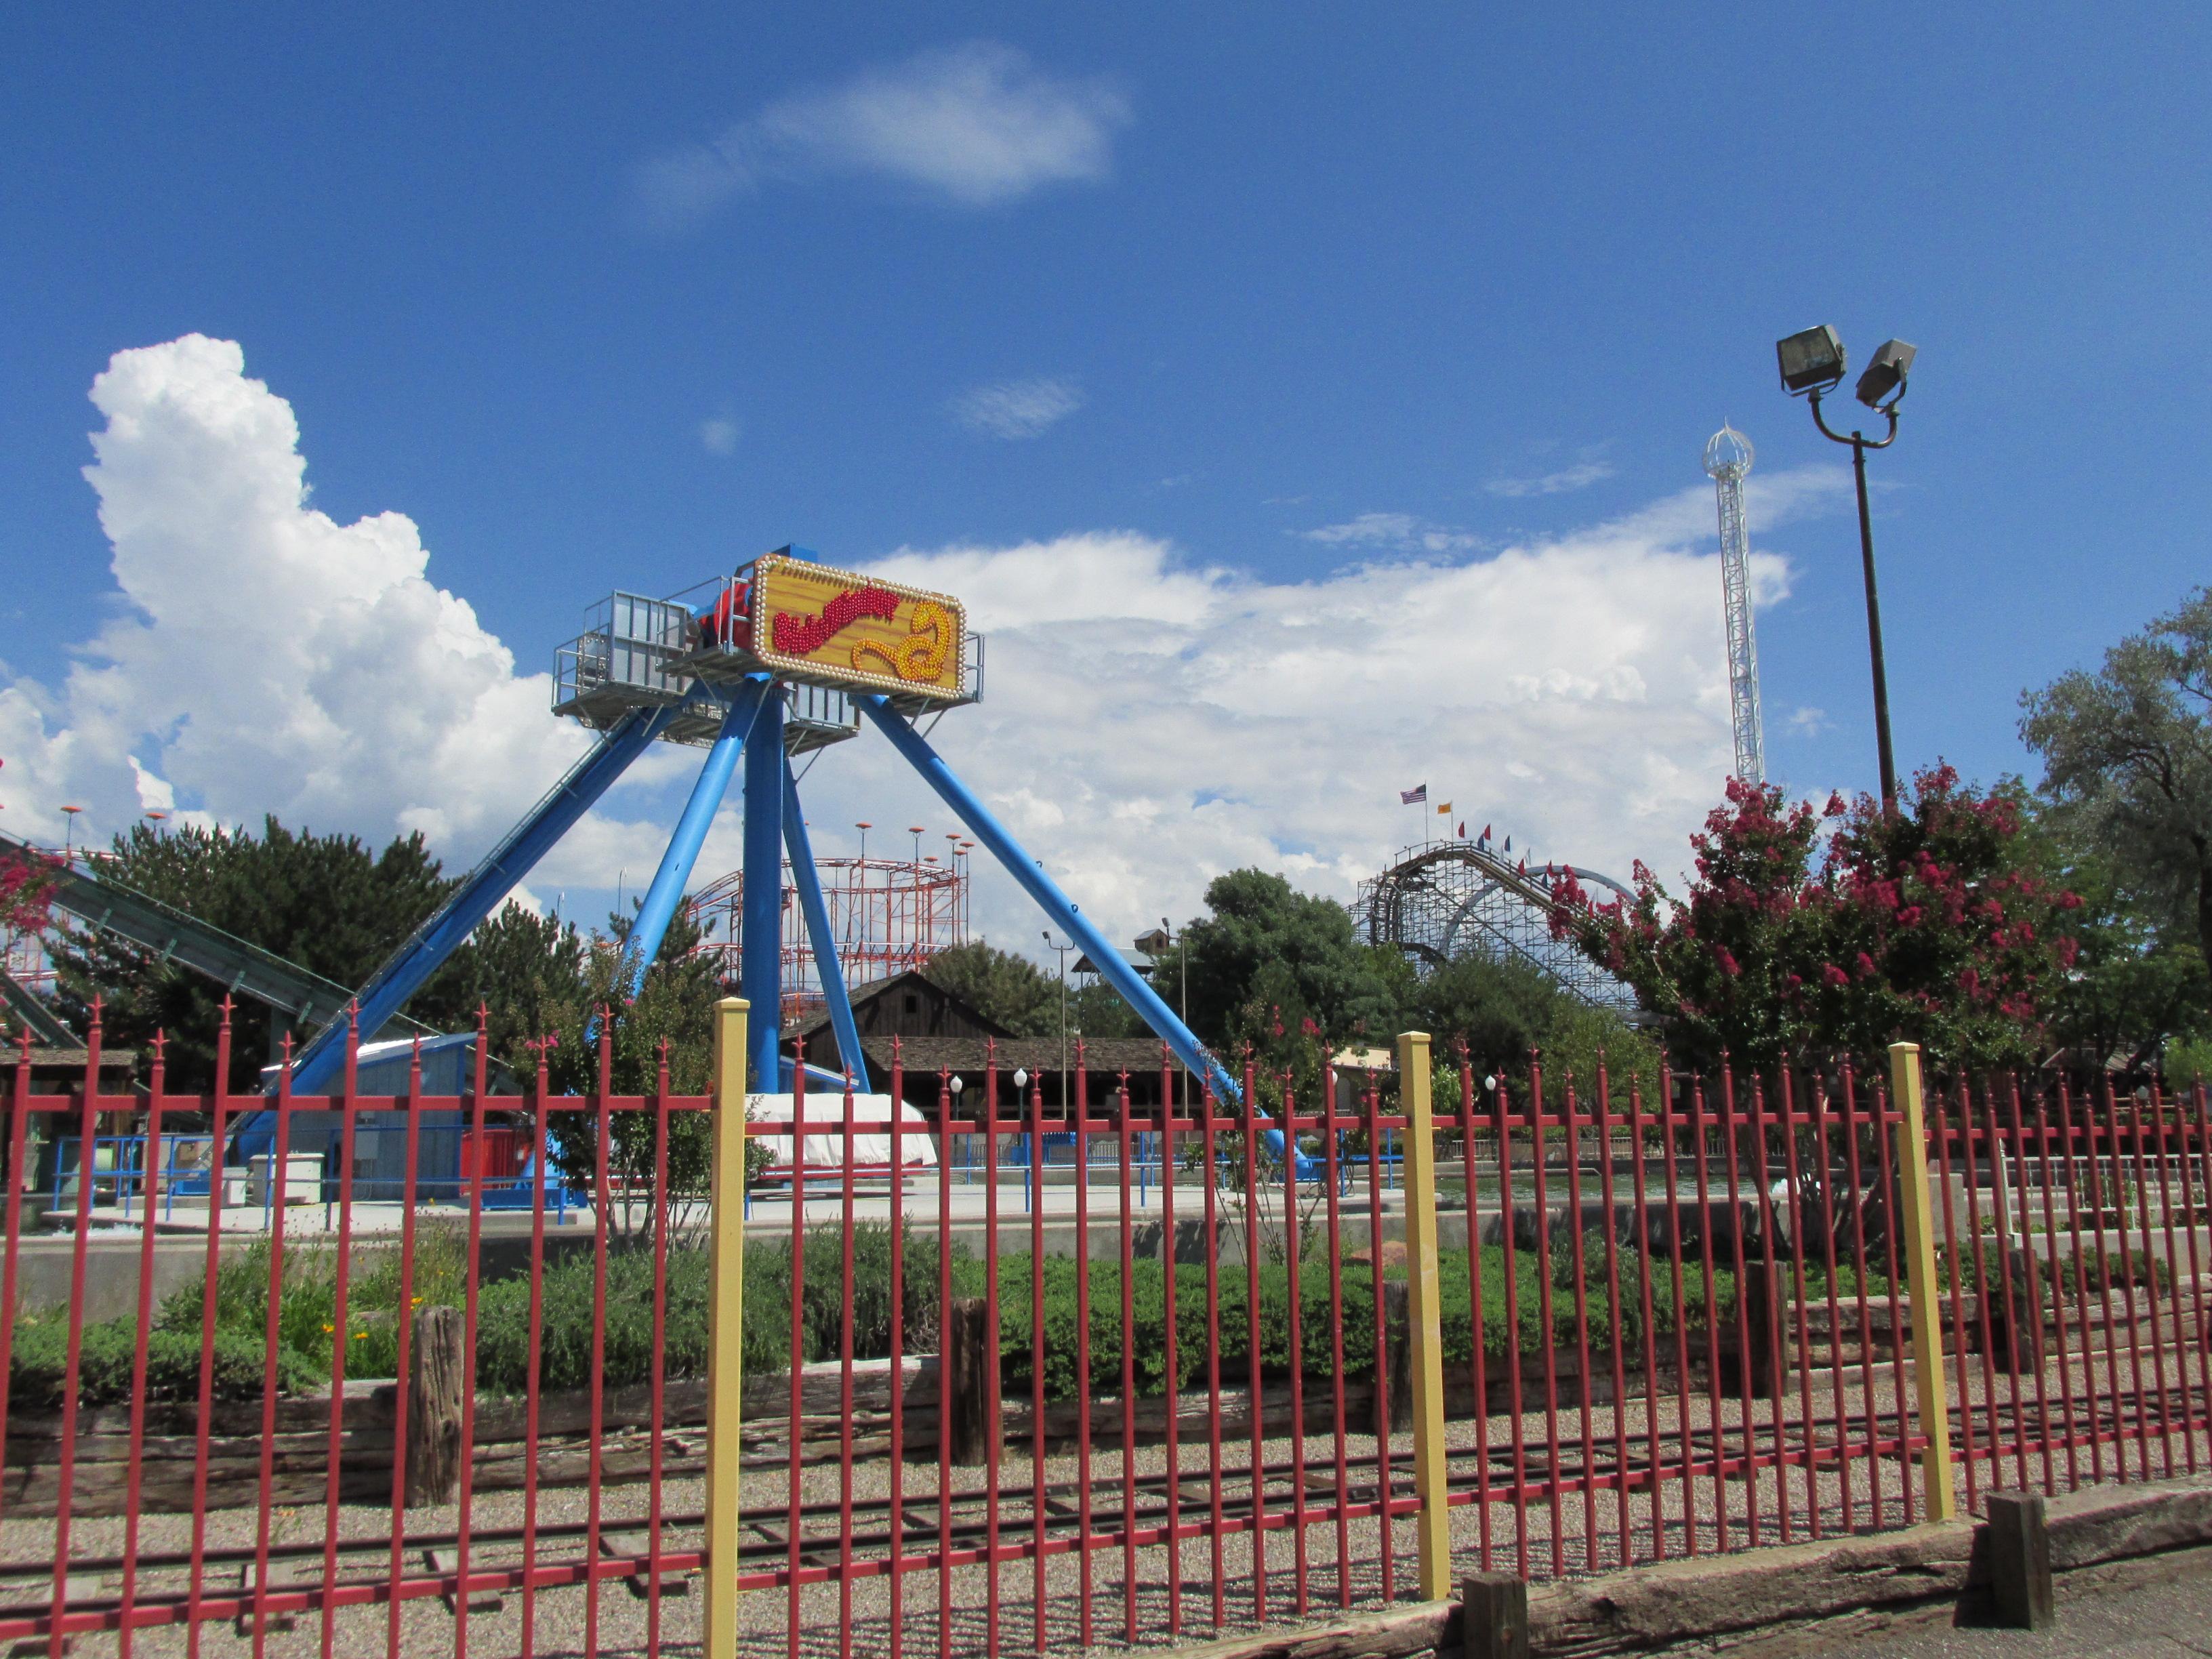 Buy Passes - Cliff's Amusement Park